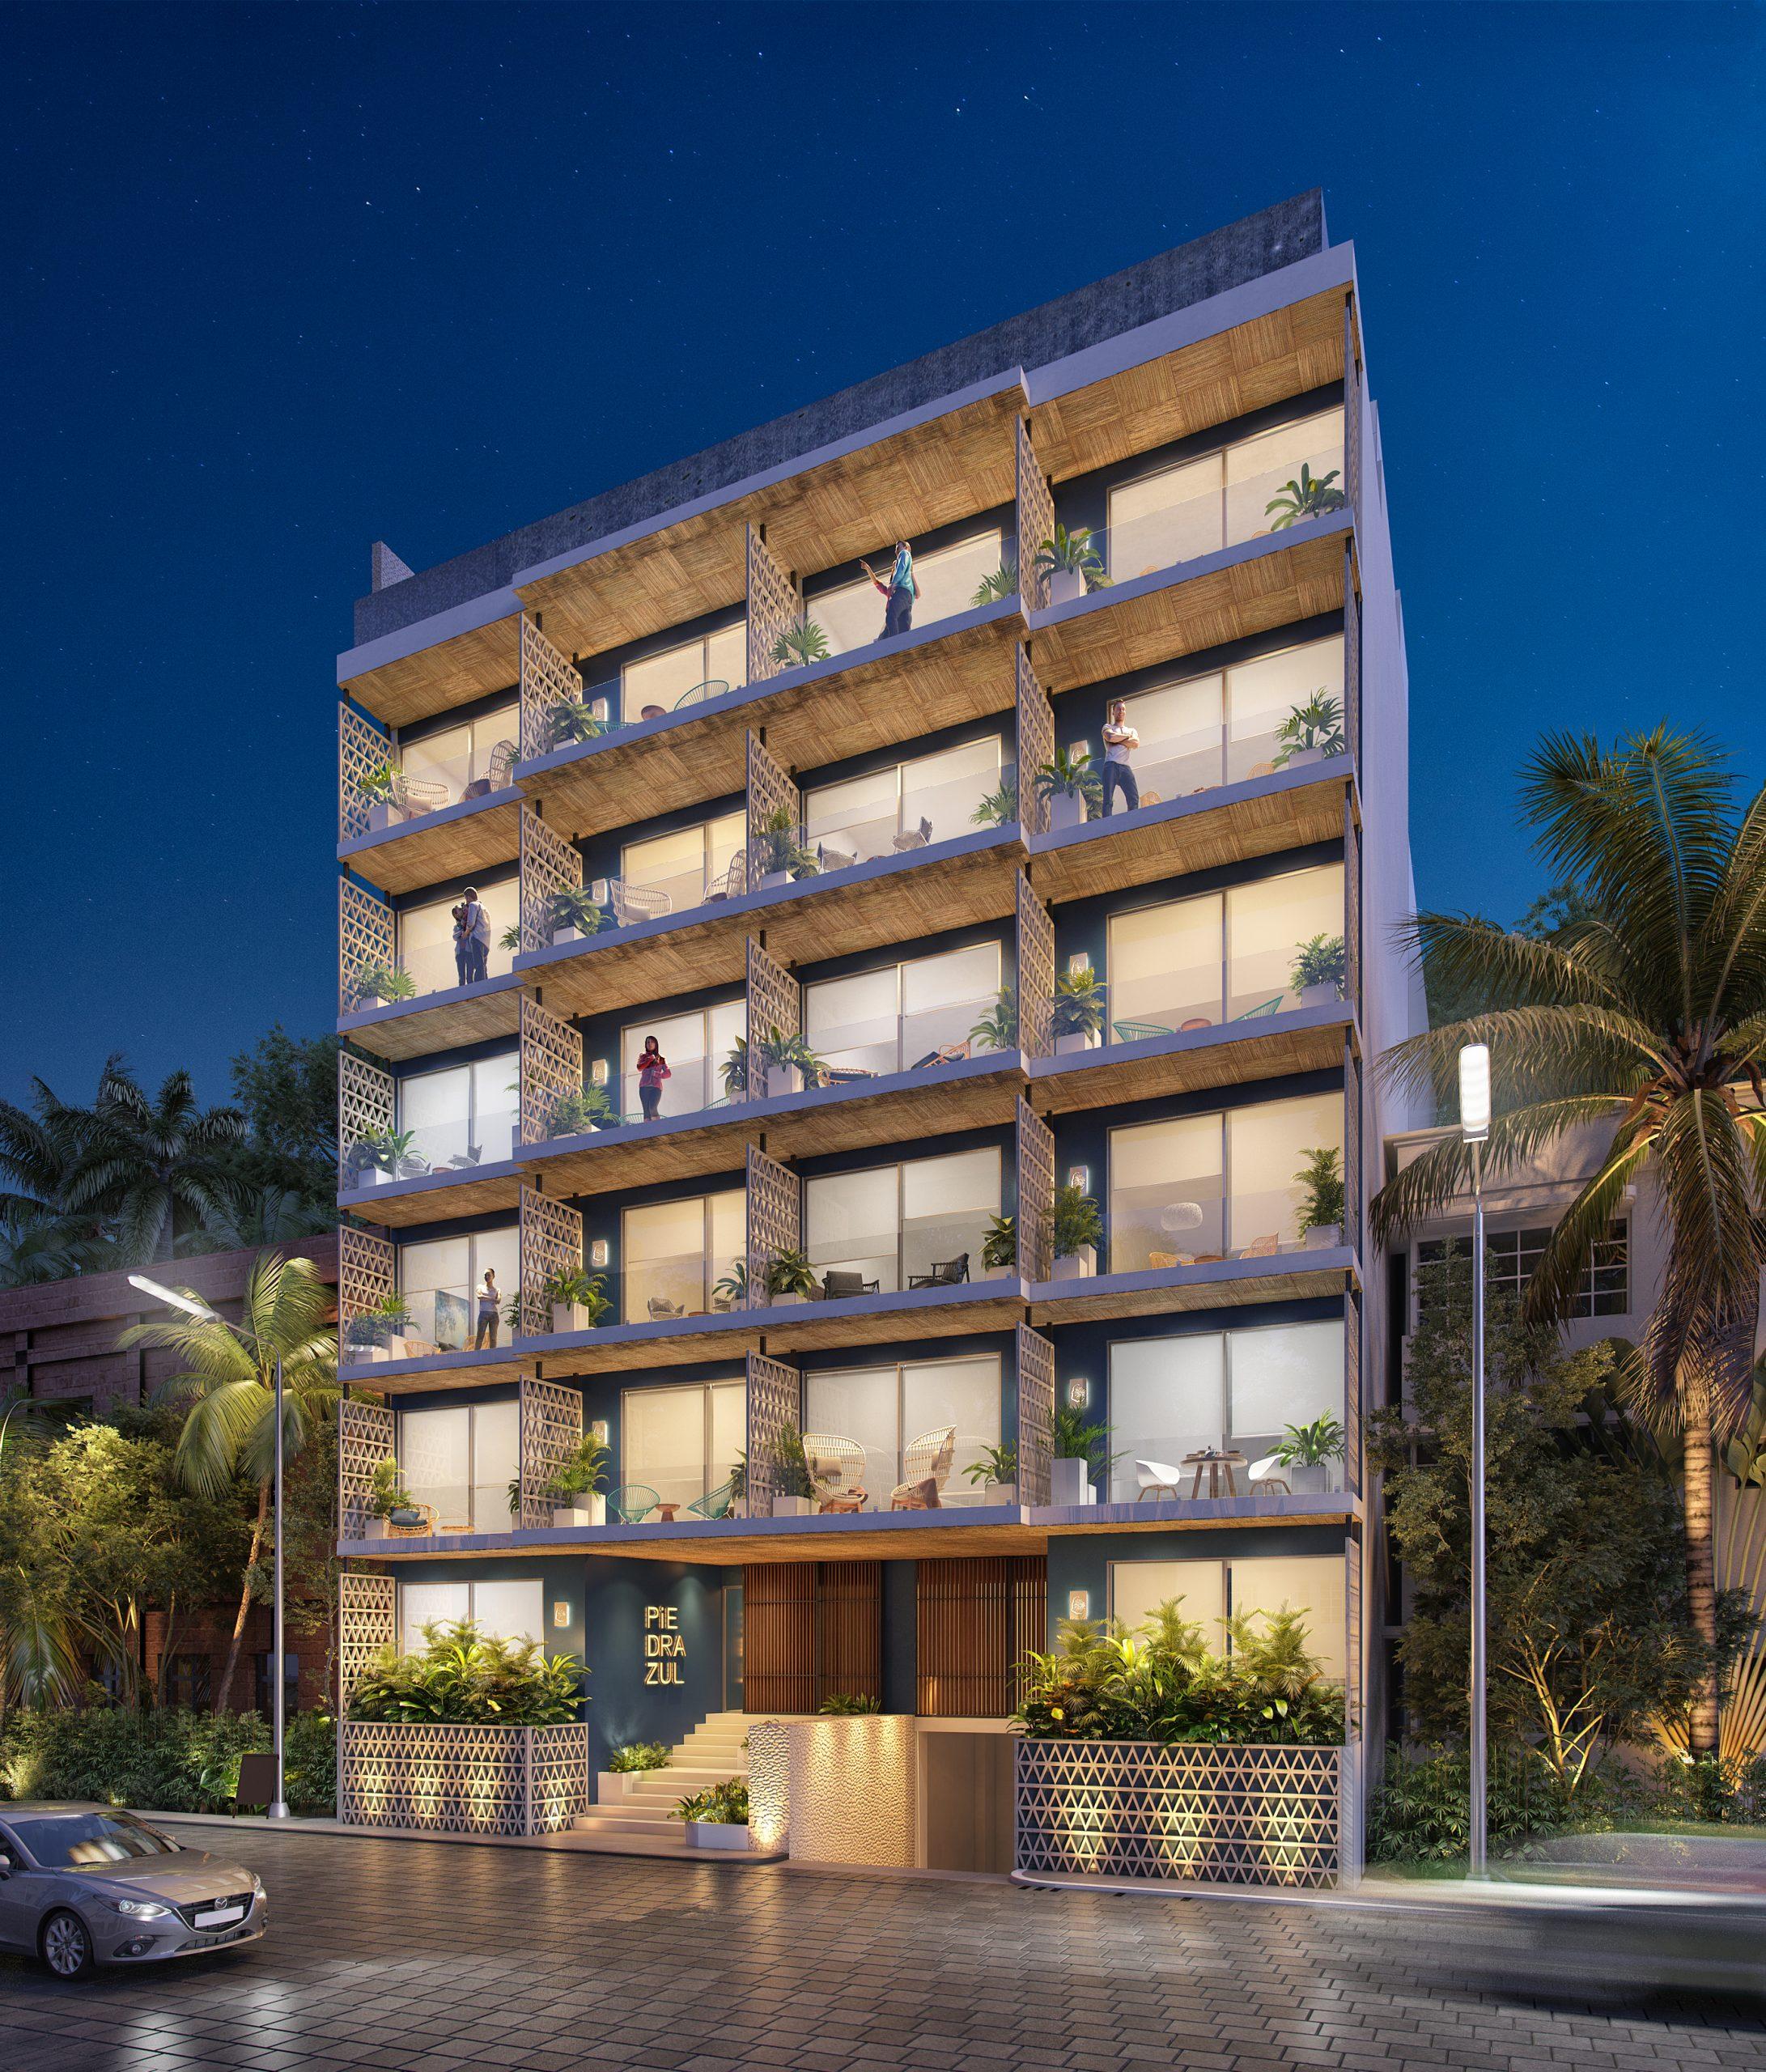 02 - FACHADA NOCTURNA - PIEDRAZUL - Pelicano Properties - Playa del Carmen